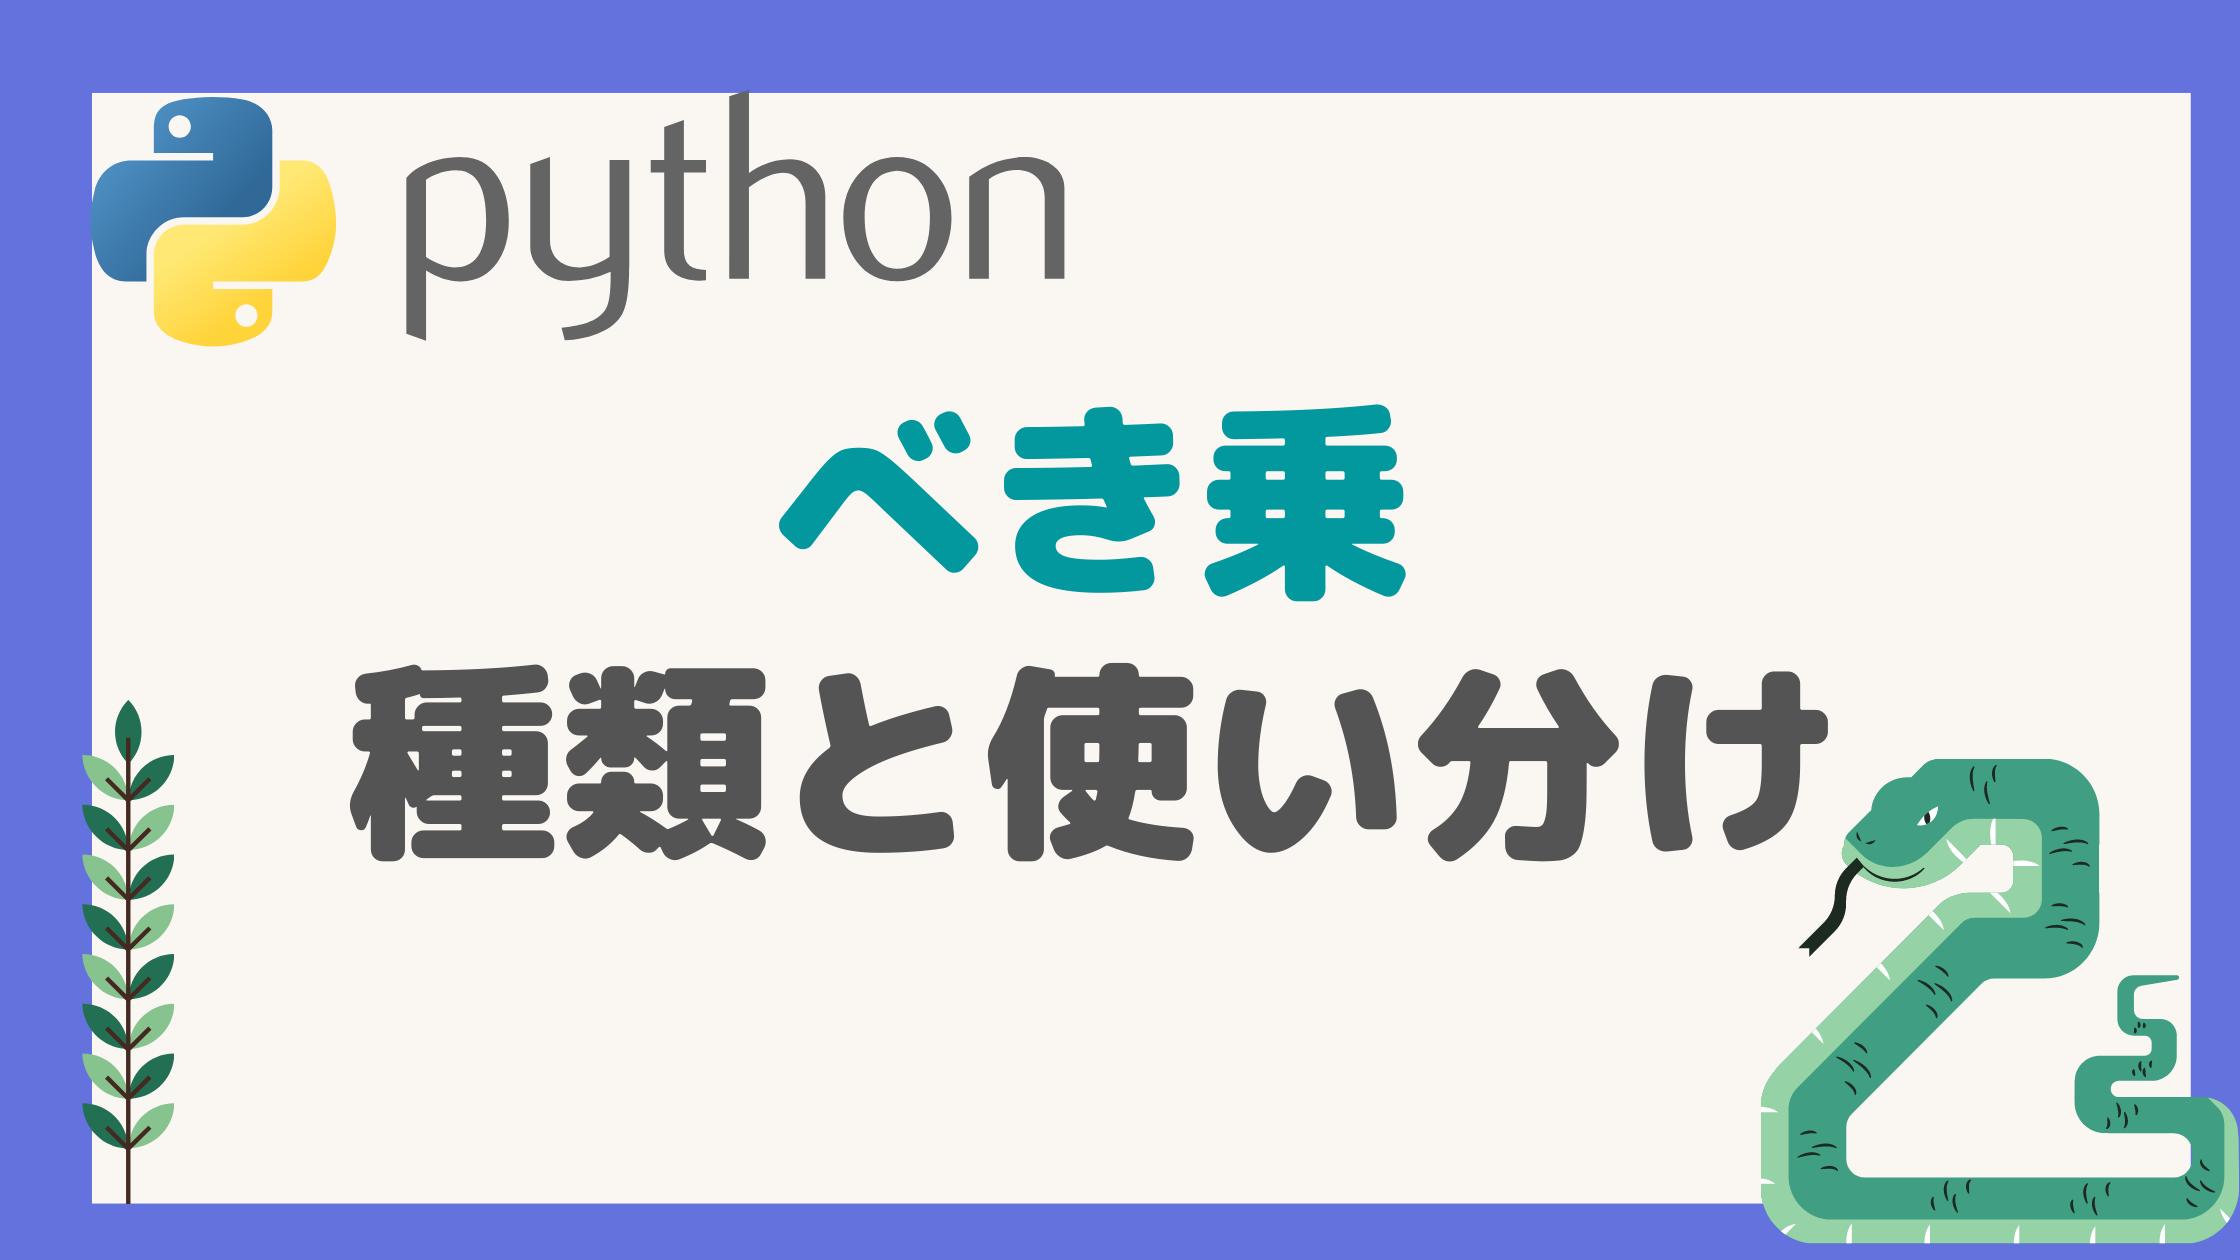 pythonのべき乗の記事のアイキャッチ